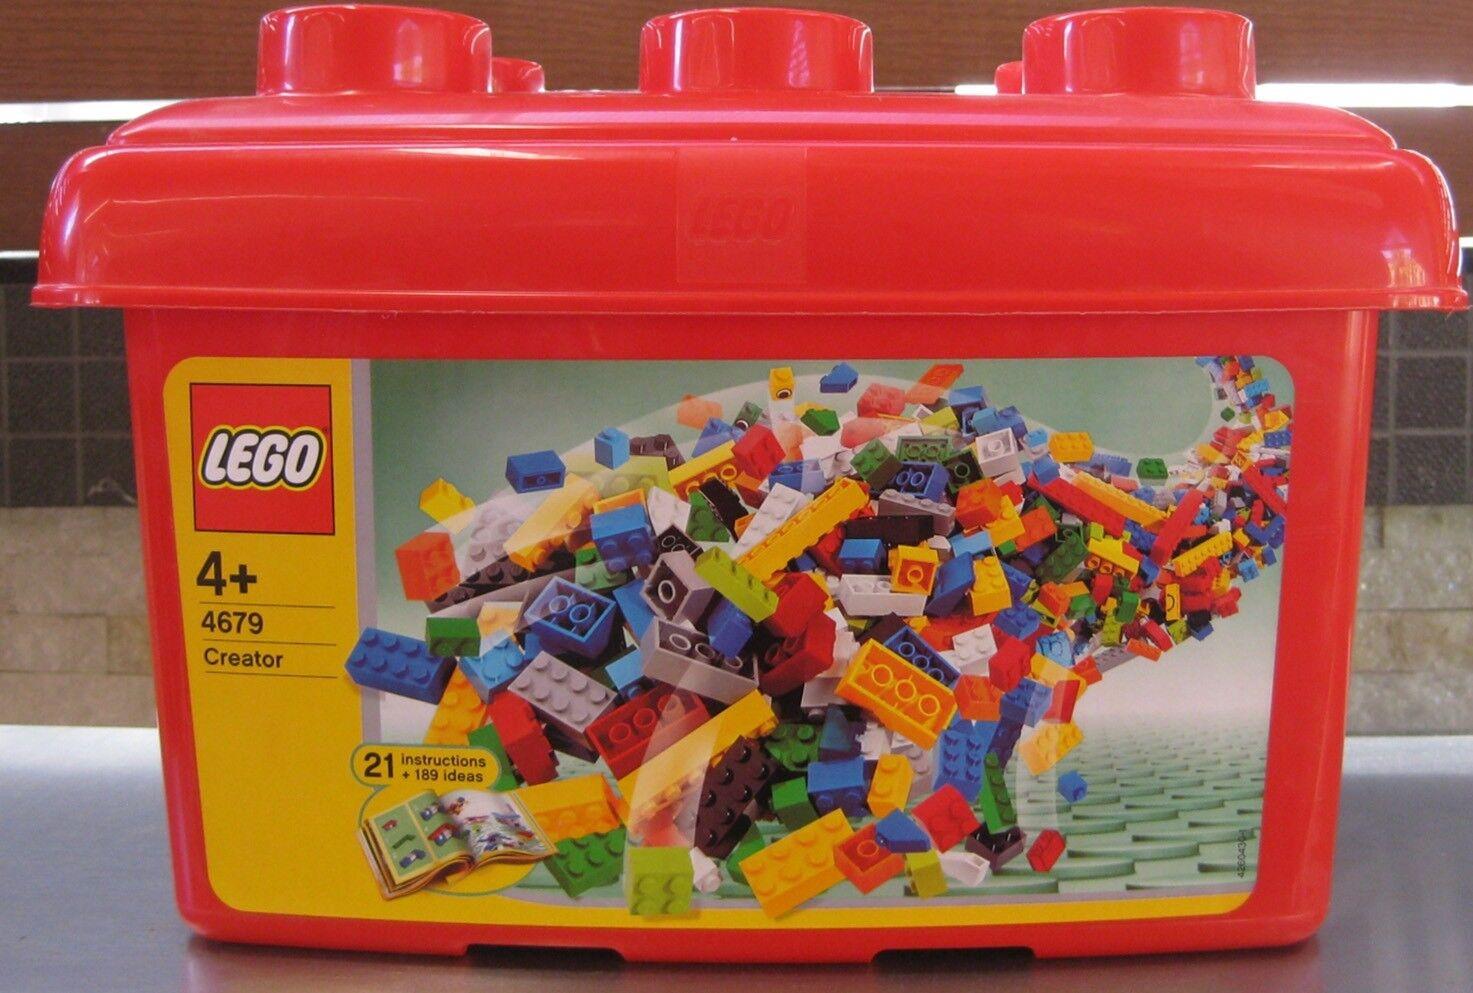 LEGO CREATOR rosso TUB  4679 RARE & RETIrosso  DATED 2004 BRe nuovo   vendendo bene in tutto il mondo